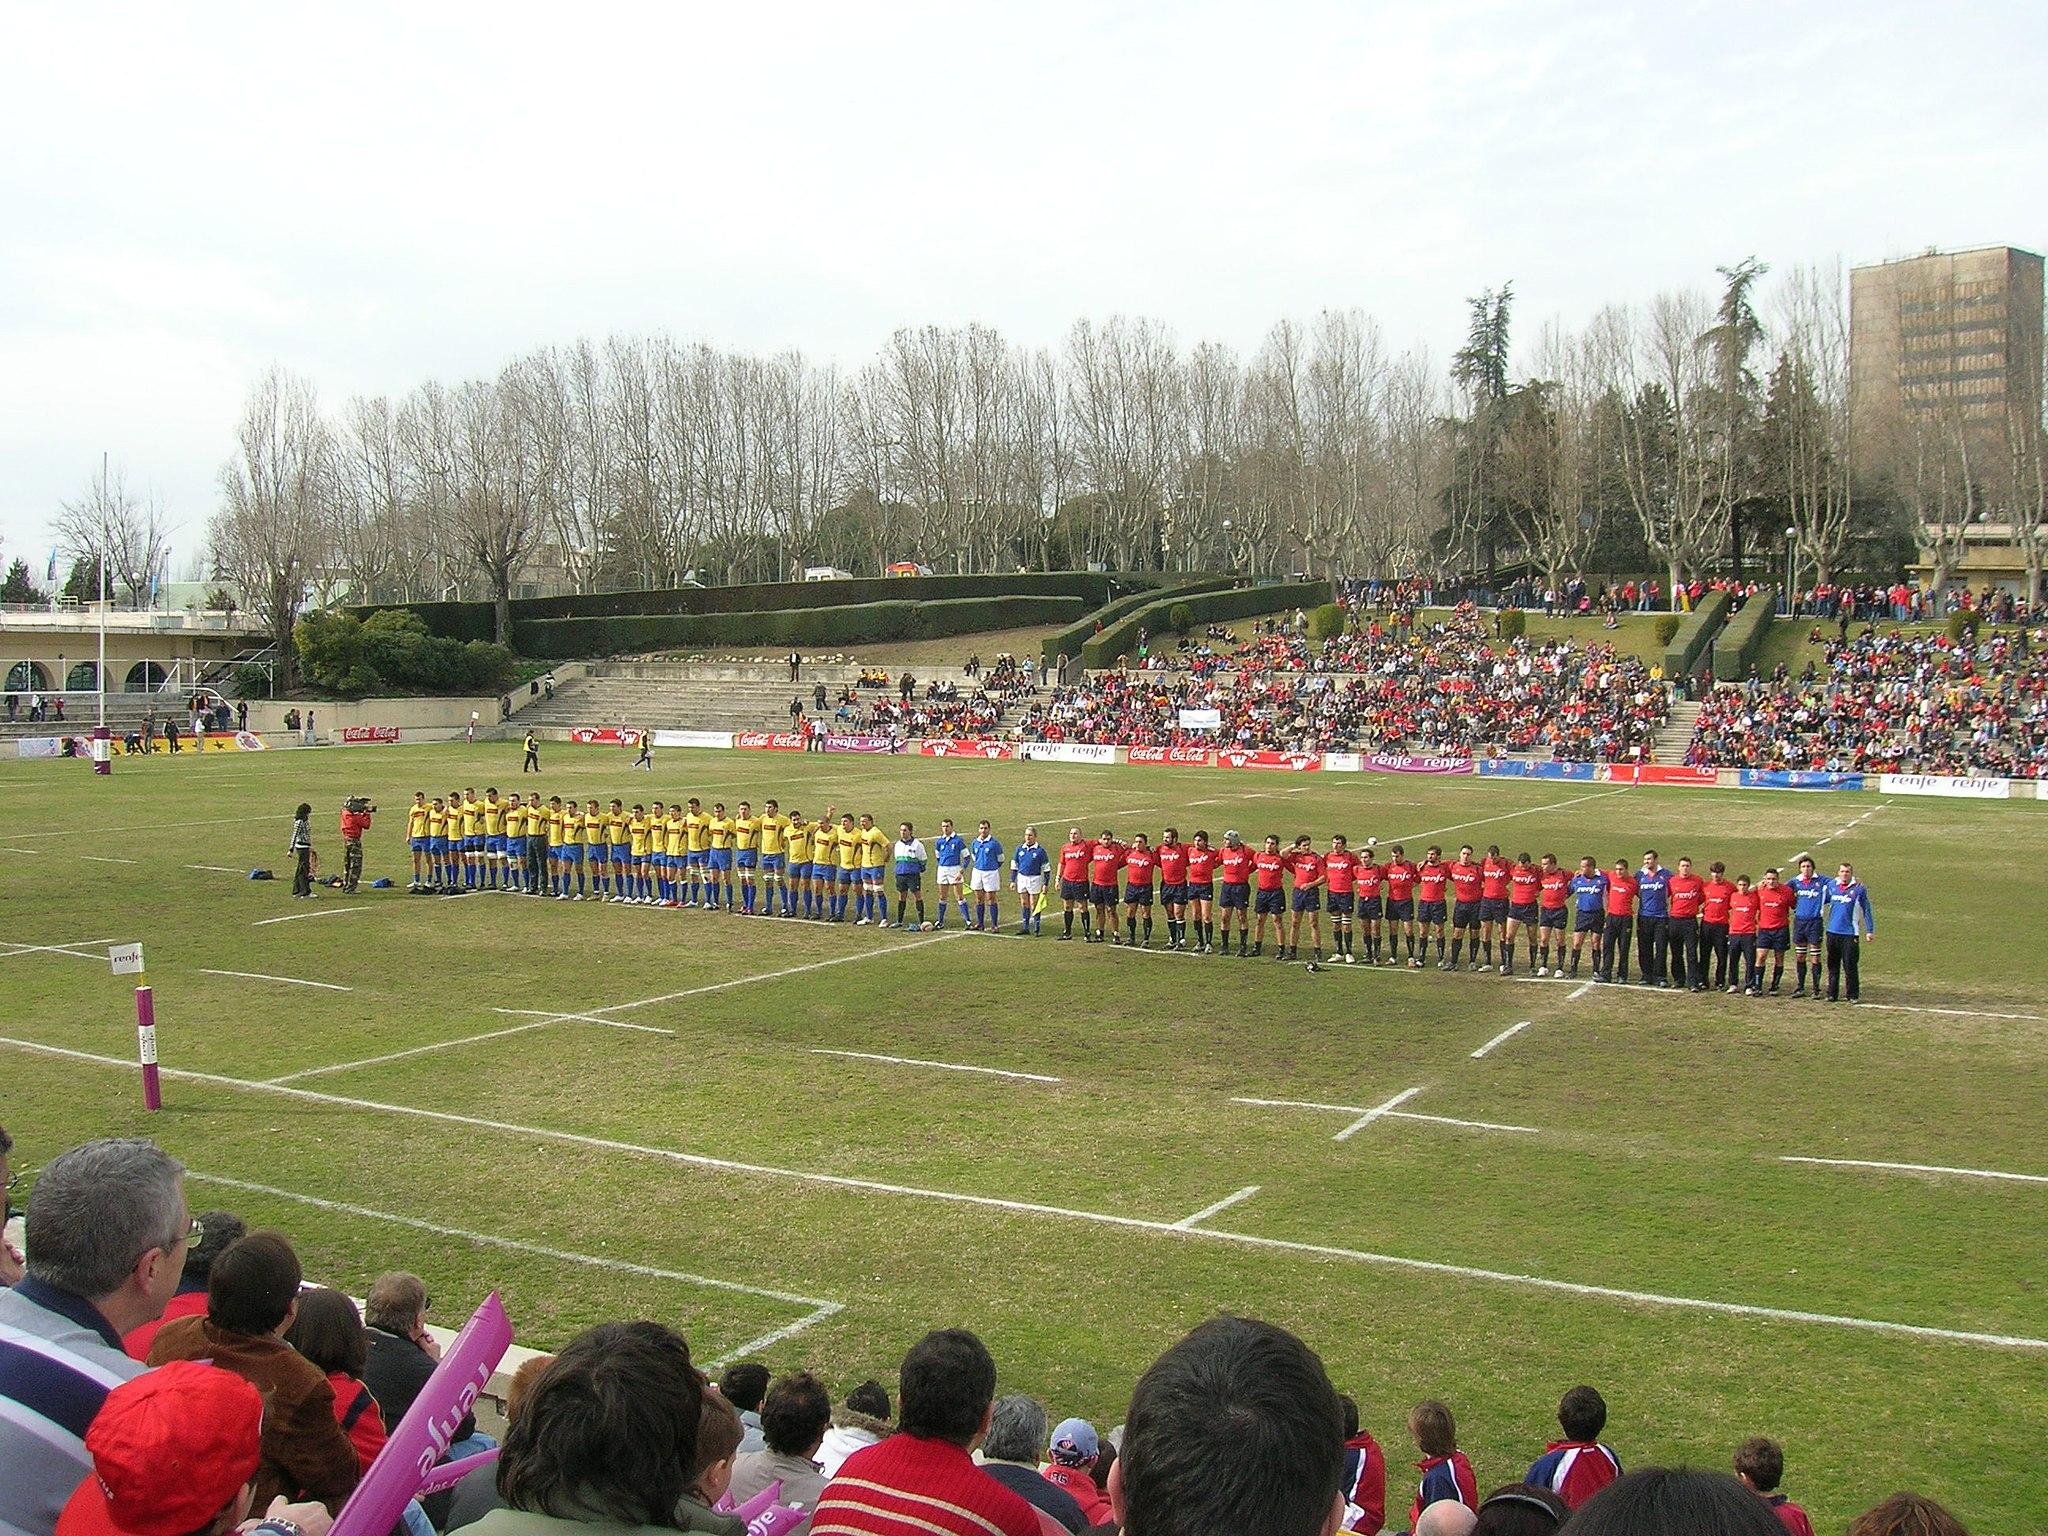 スペイン・ラグビー界での出来事-疑惑の審判とキャプテンの役割-